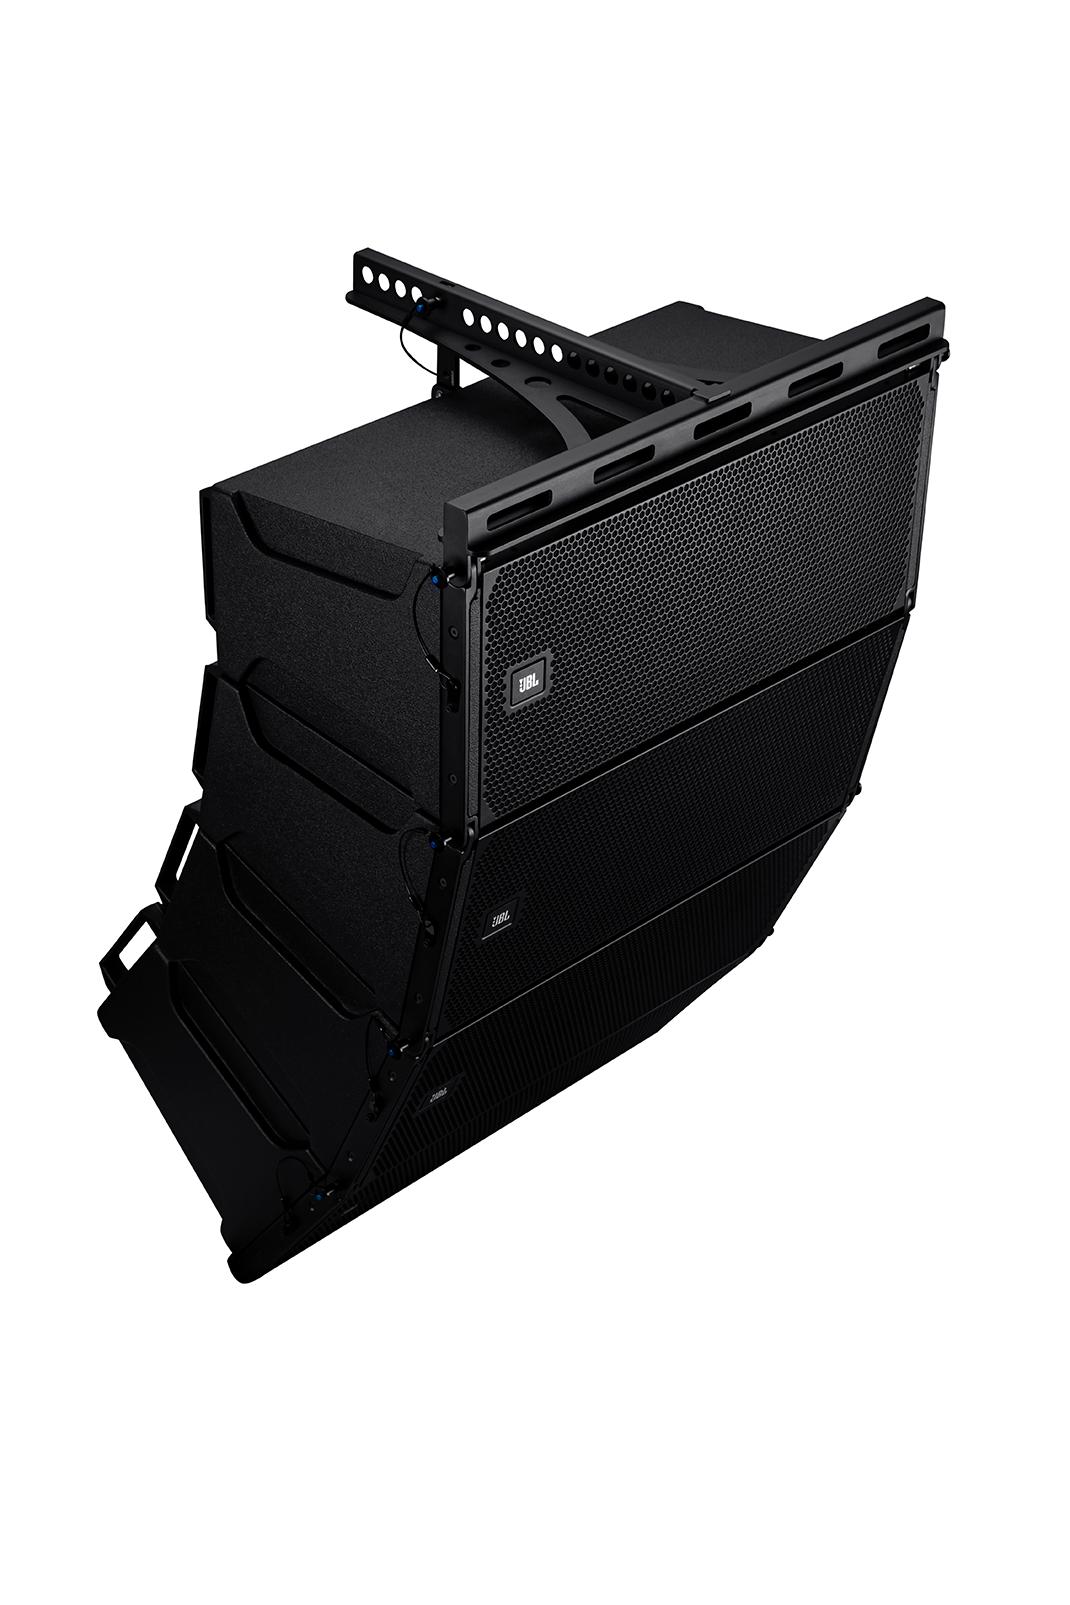 Loa array JBL BRX300 sử dụng nhiều mô đun lắp ghép cho góc phủ âm tuyệt vời